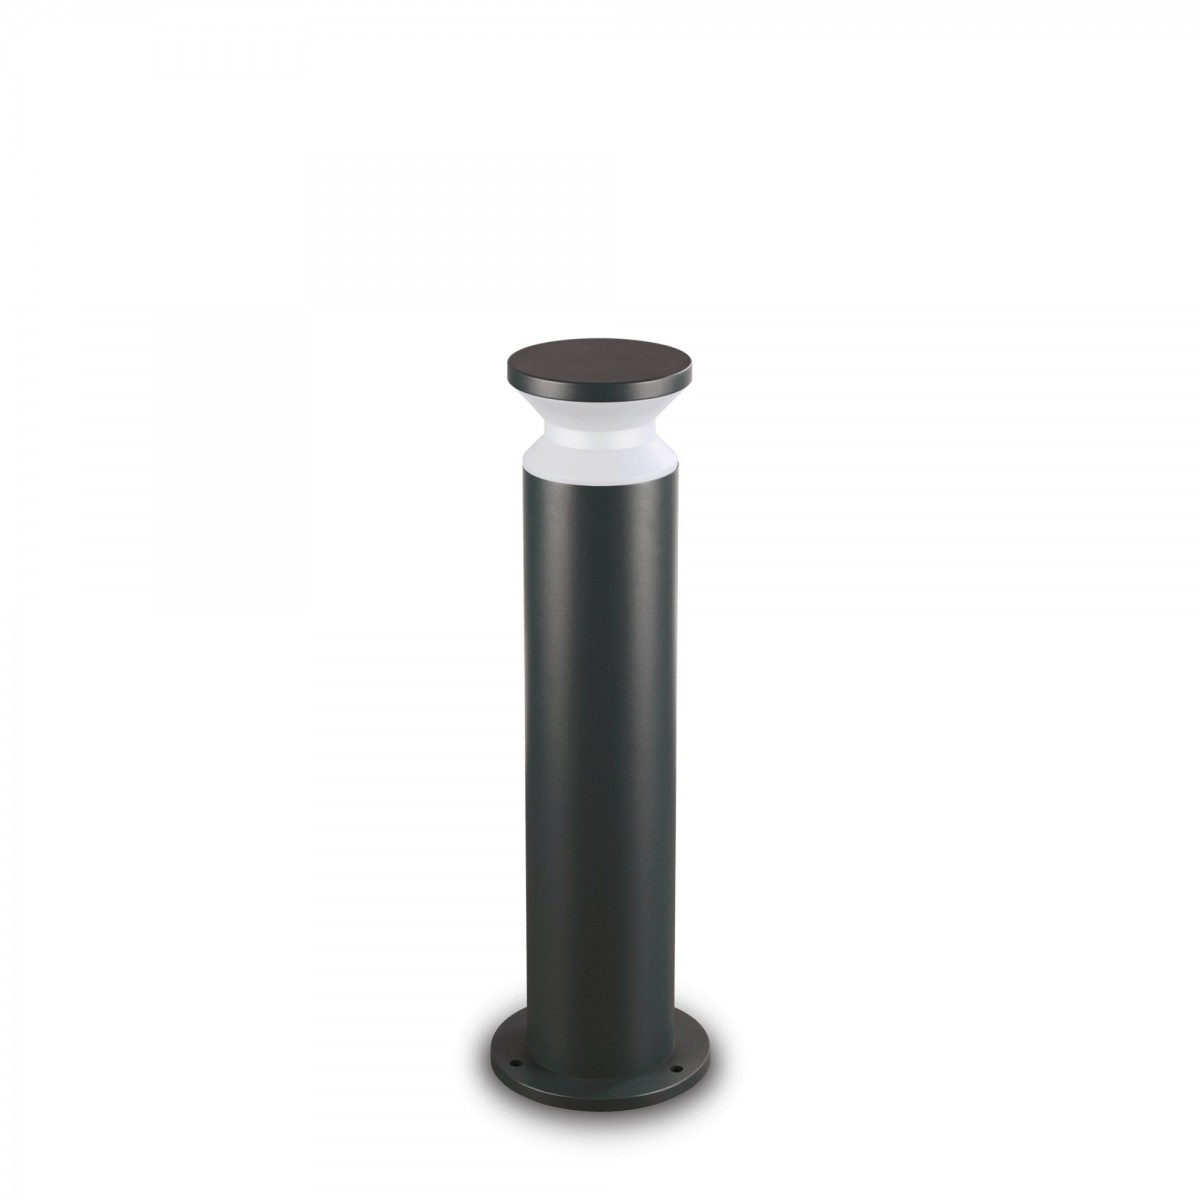 Ideal Lux 186955 venkovní sloupek Torre 1x15W|E27